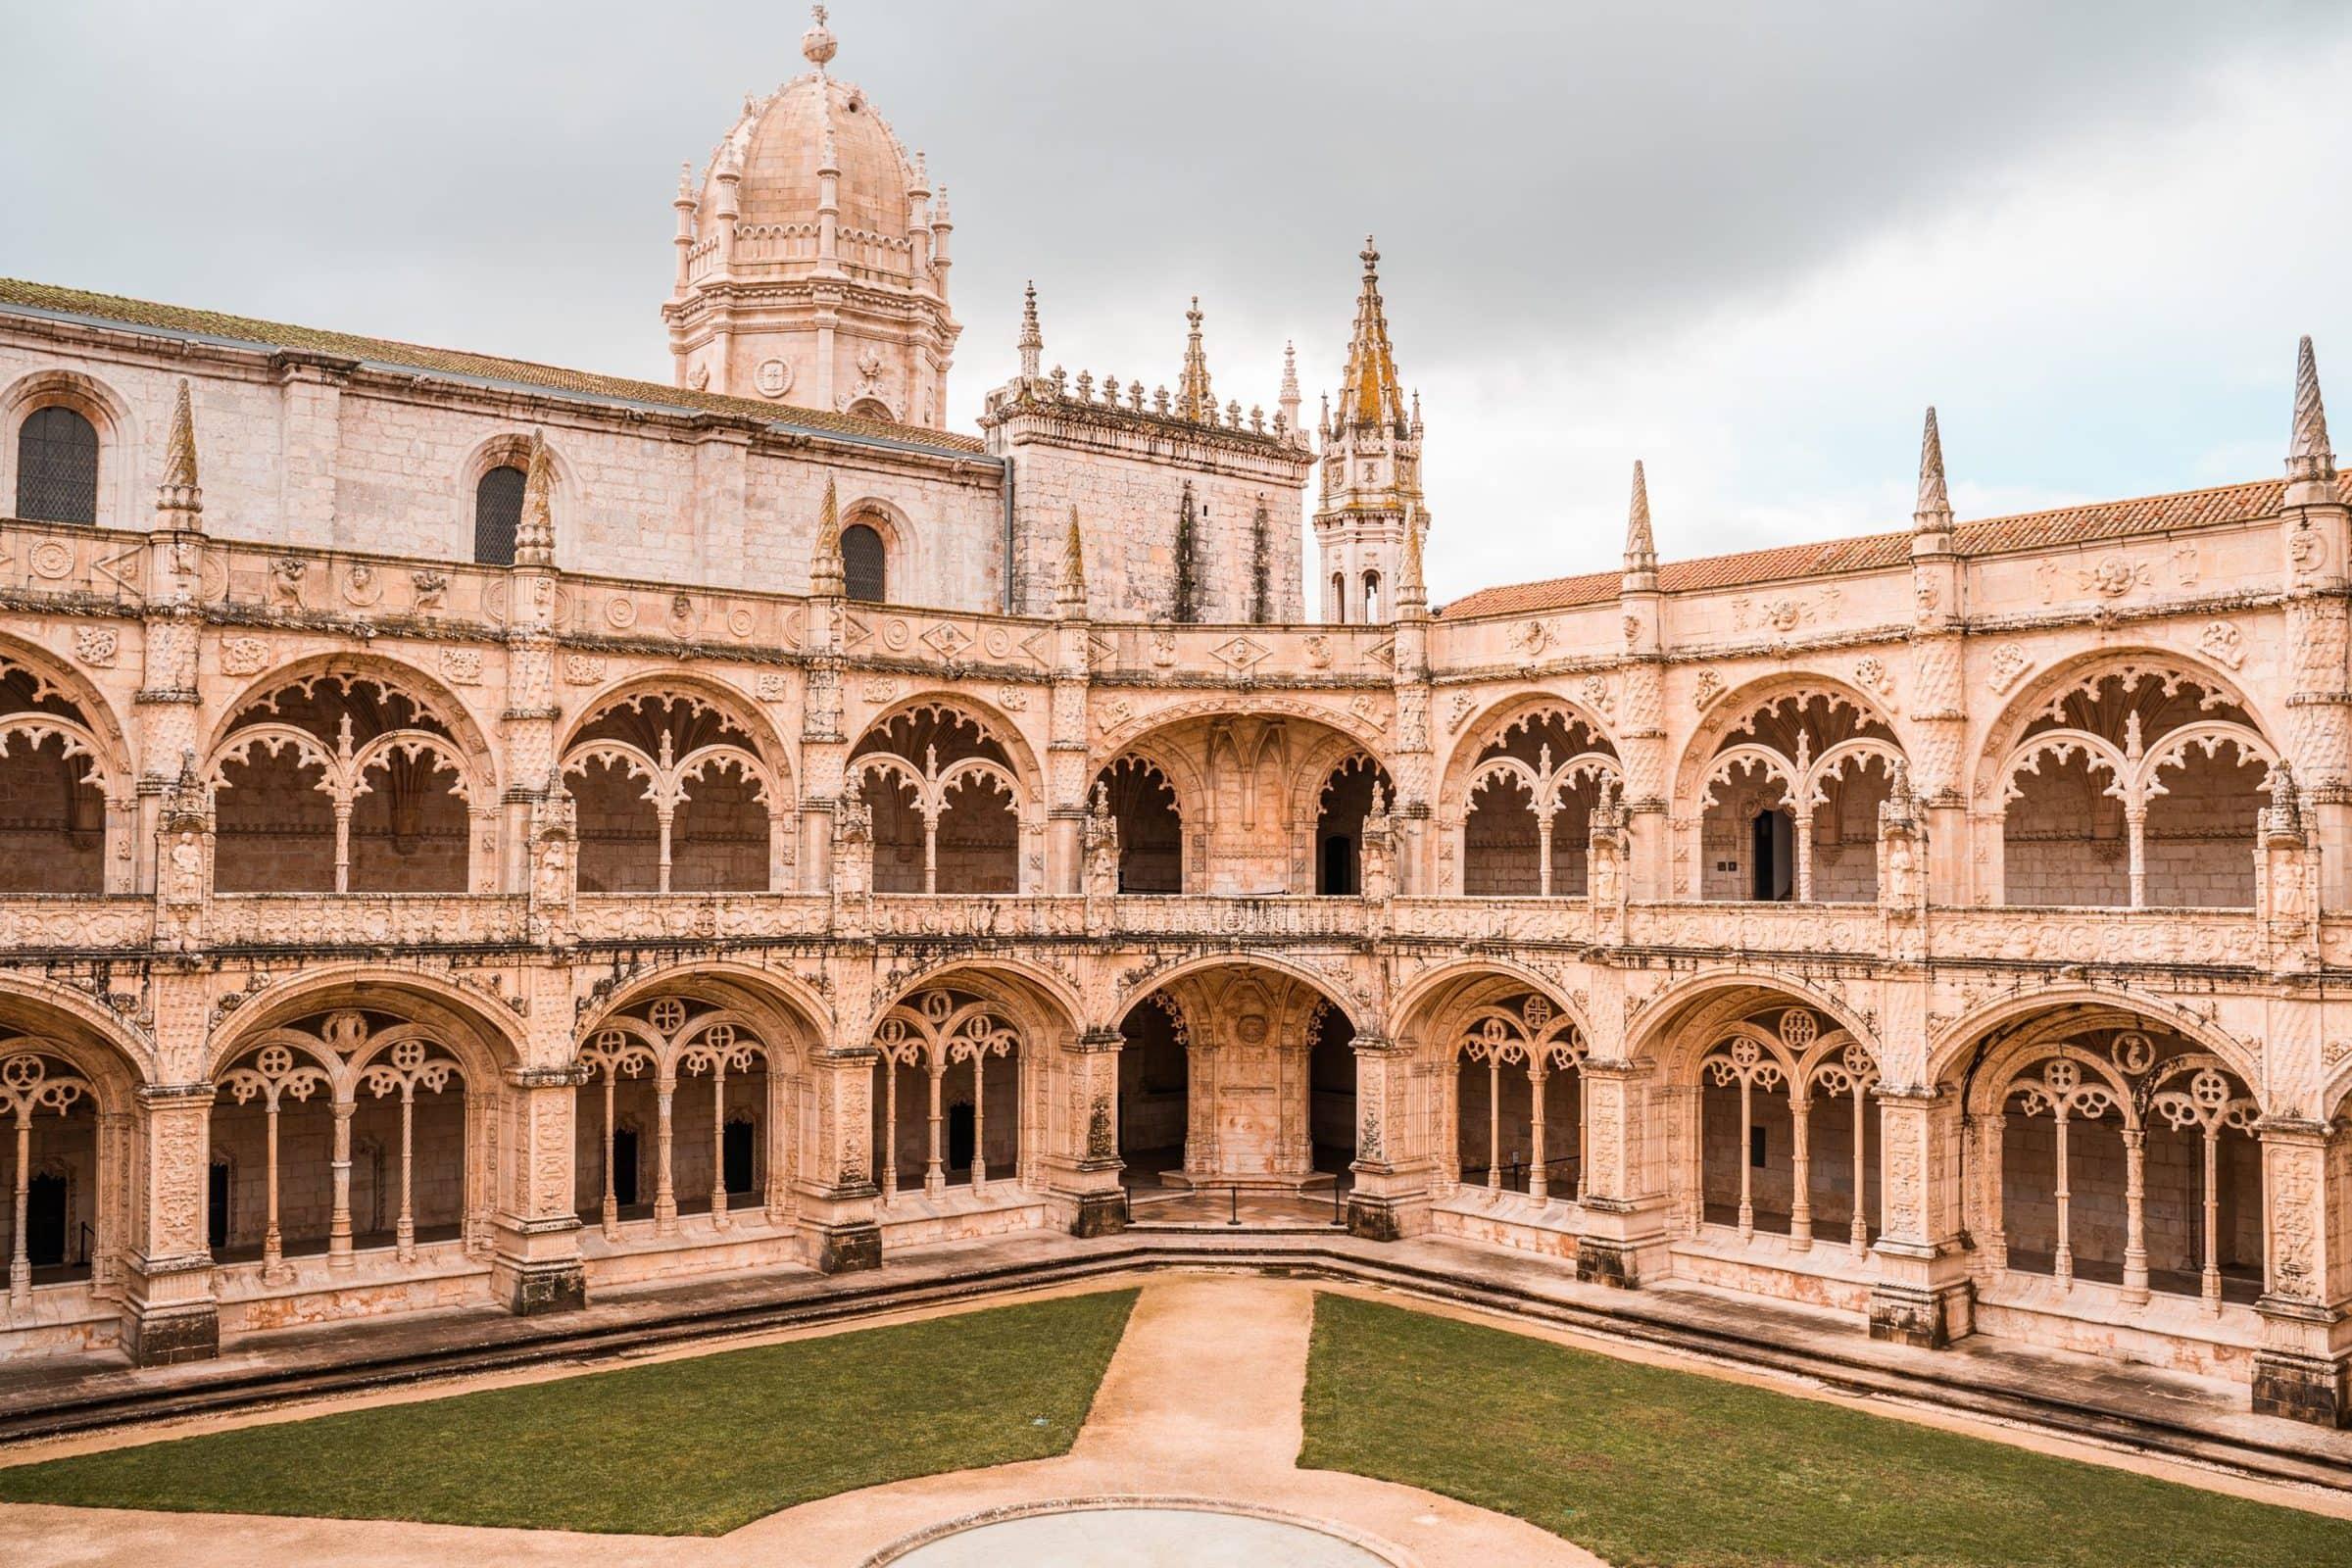 Lissabonbezienswaardigheden scaled - Lissabon prijzen: dit zijn de kosten voor een stedentrip Lissabon!